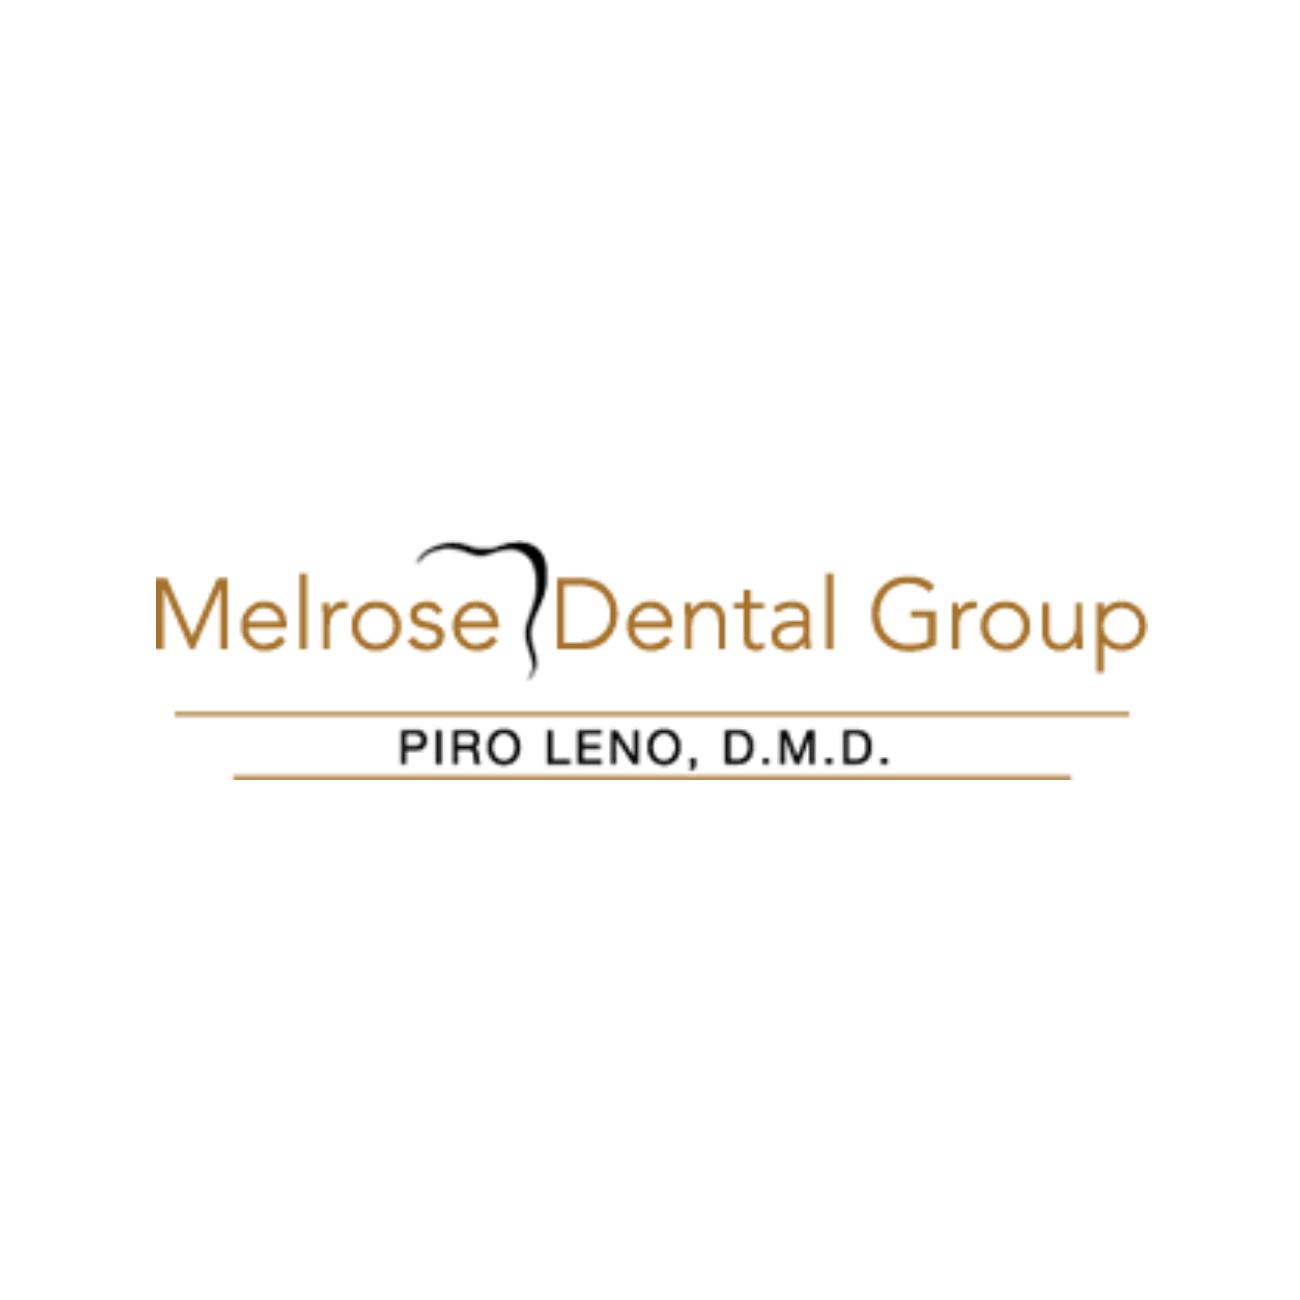 Melrose Dental Group | Dr. Piro Leno